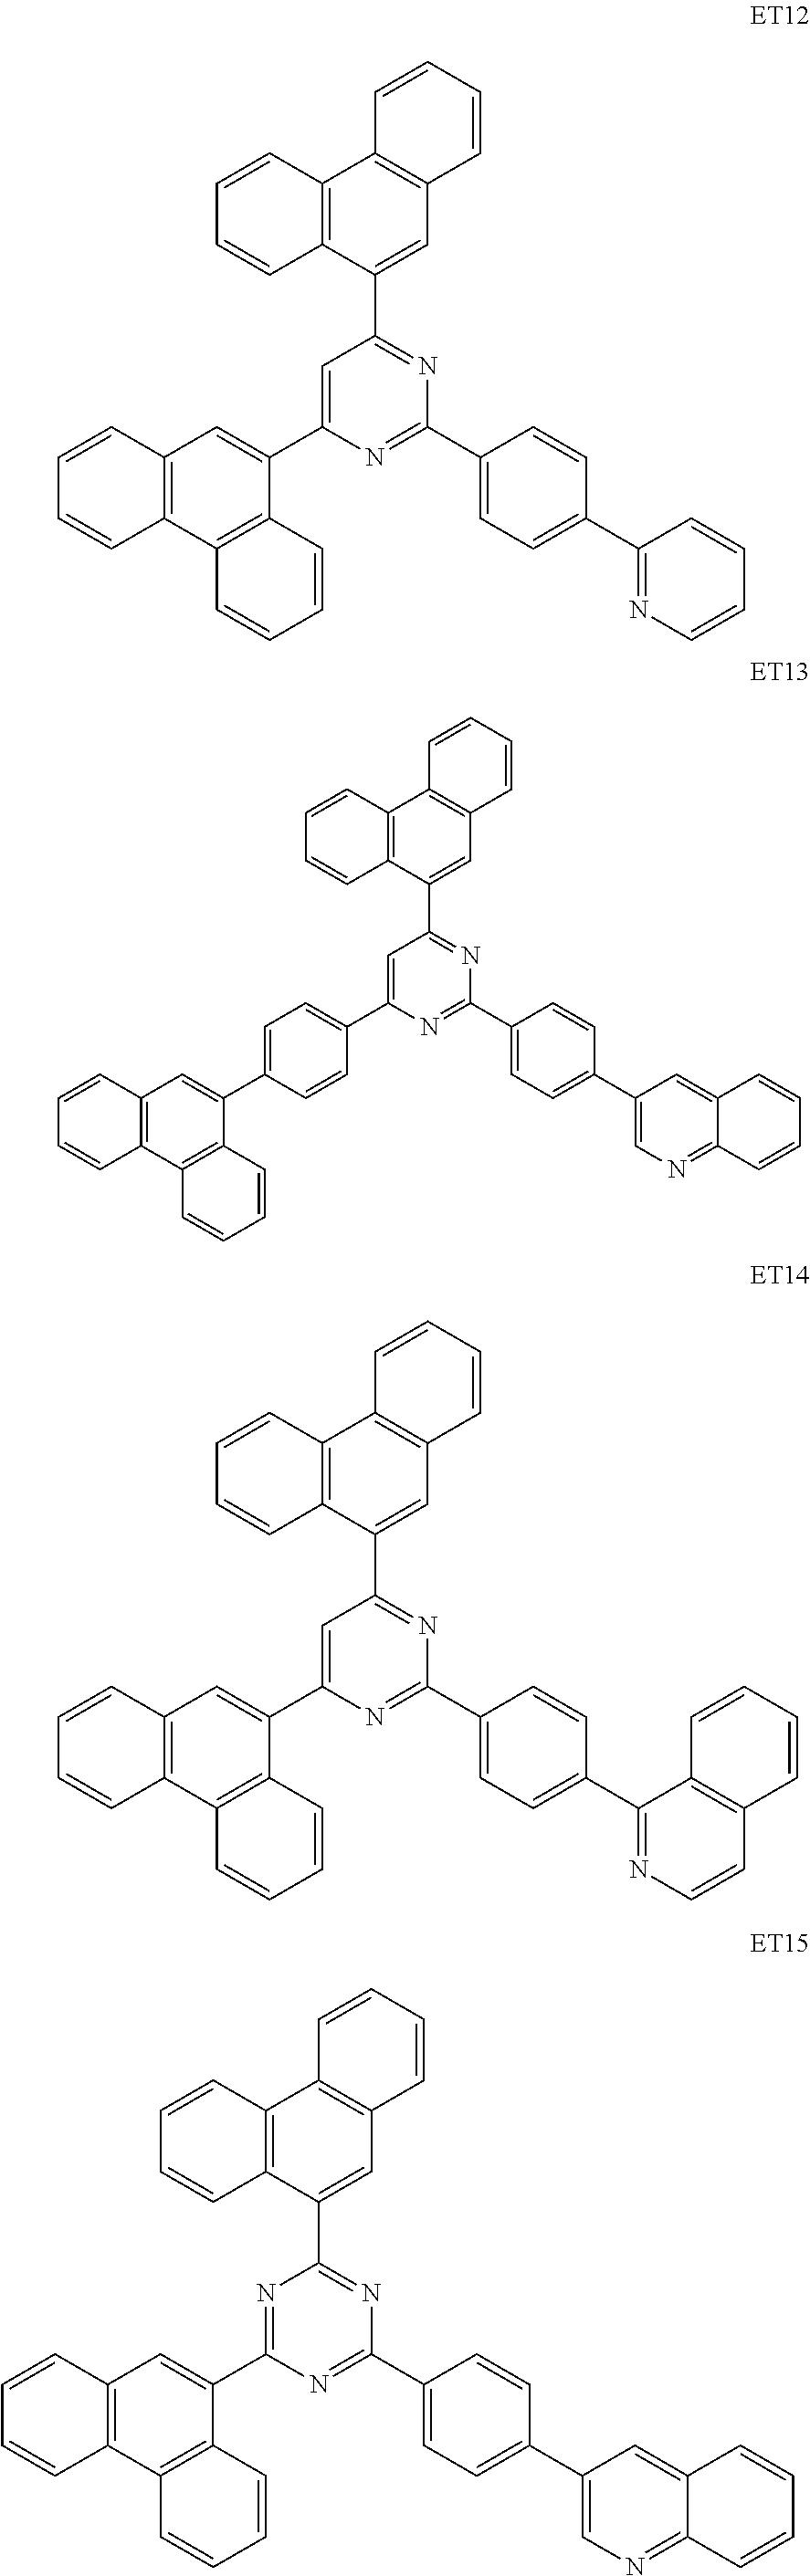 Figure US09722191-20170801-C00049